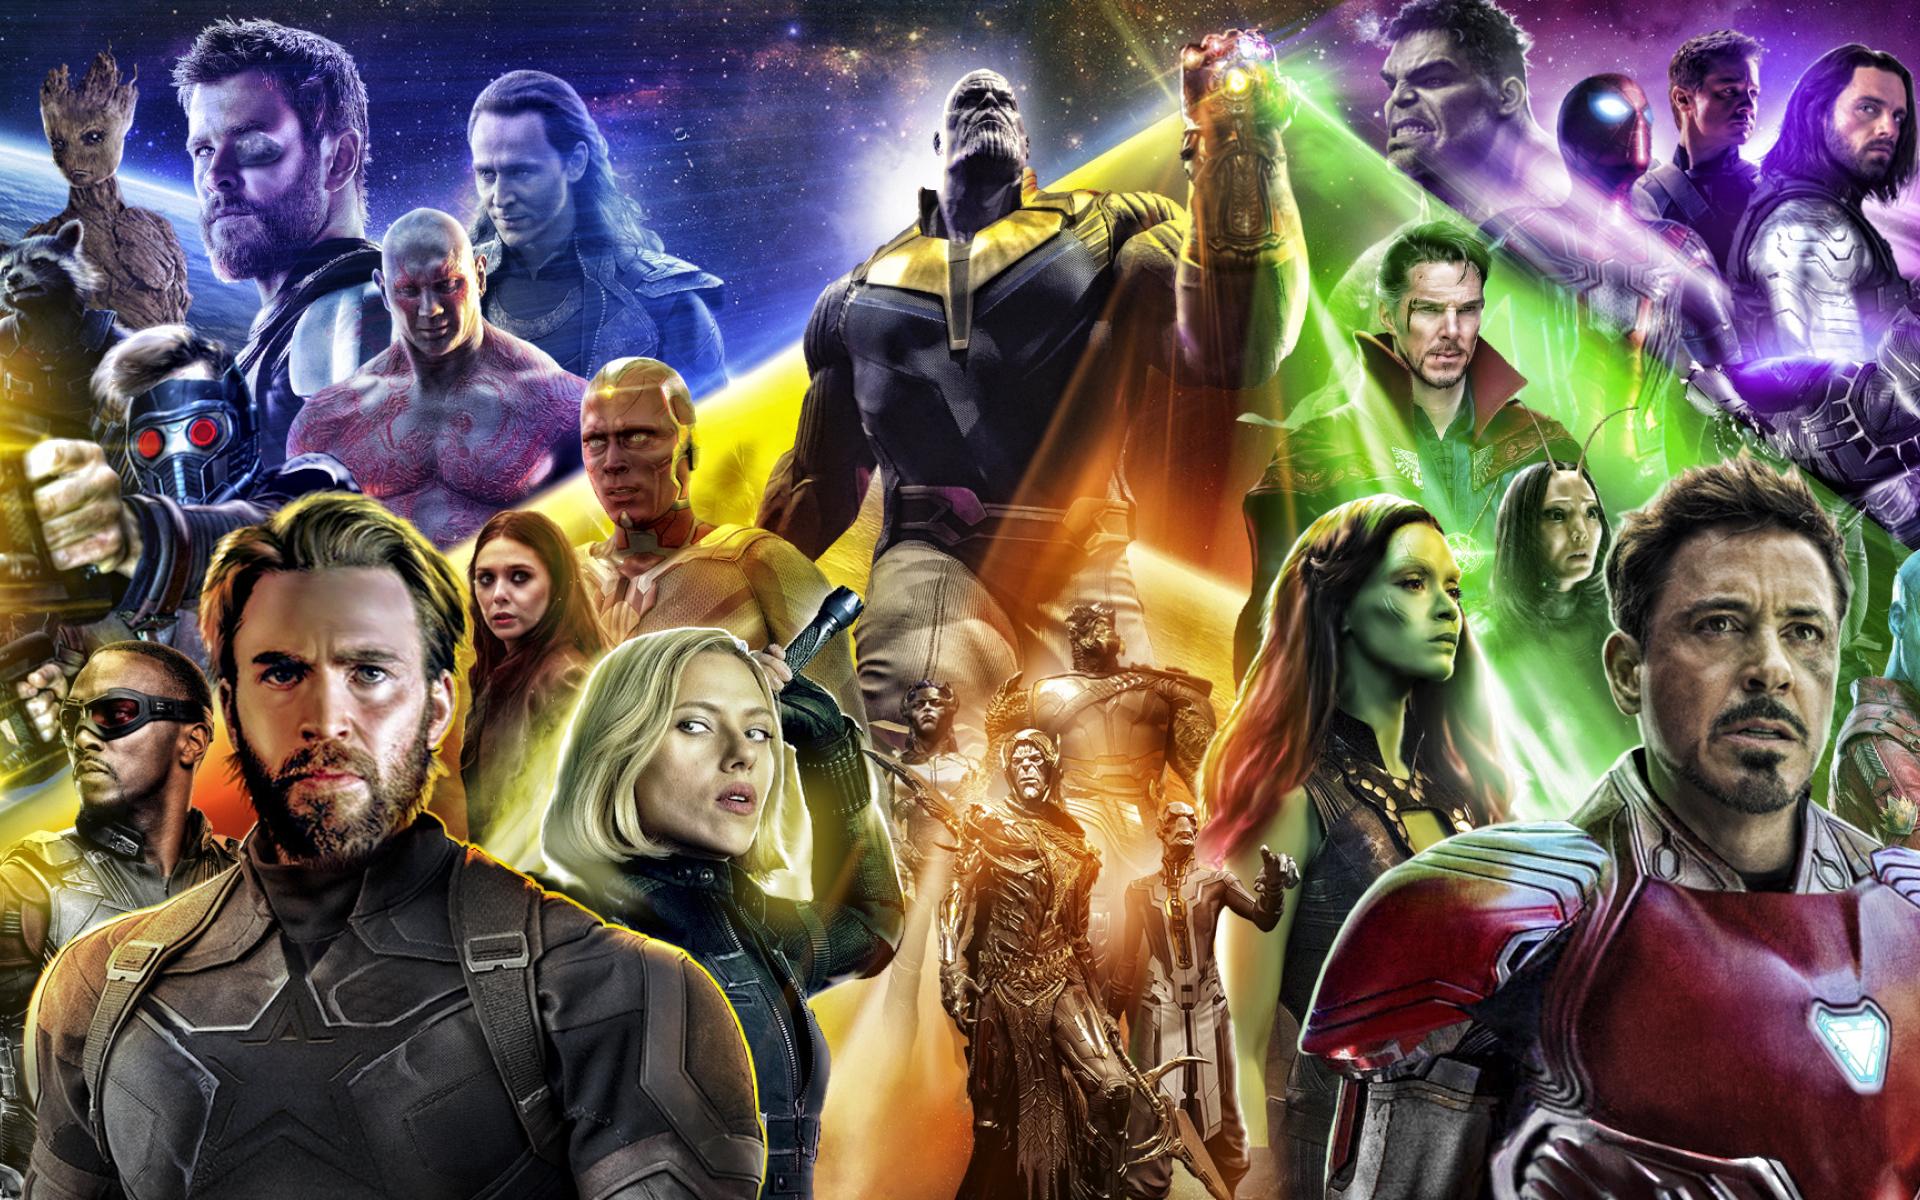 復仇者聯盟3 Image: Download Avengers Infinty War 2018 Poster 7680x4320 Resolution, Full HD Wallpaper